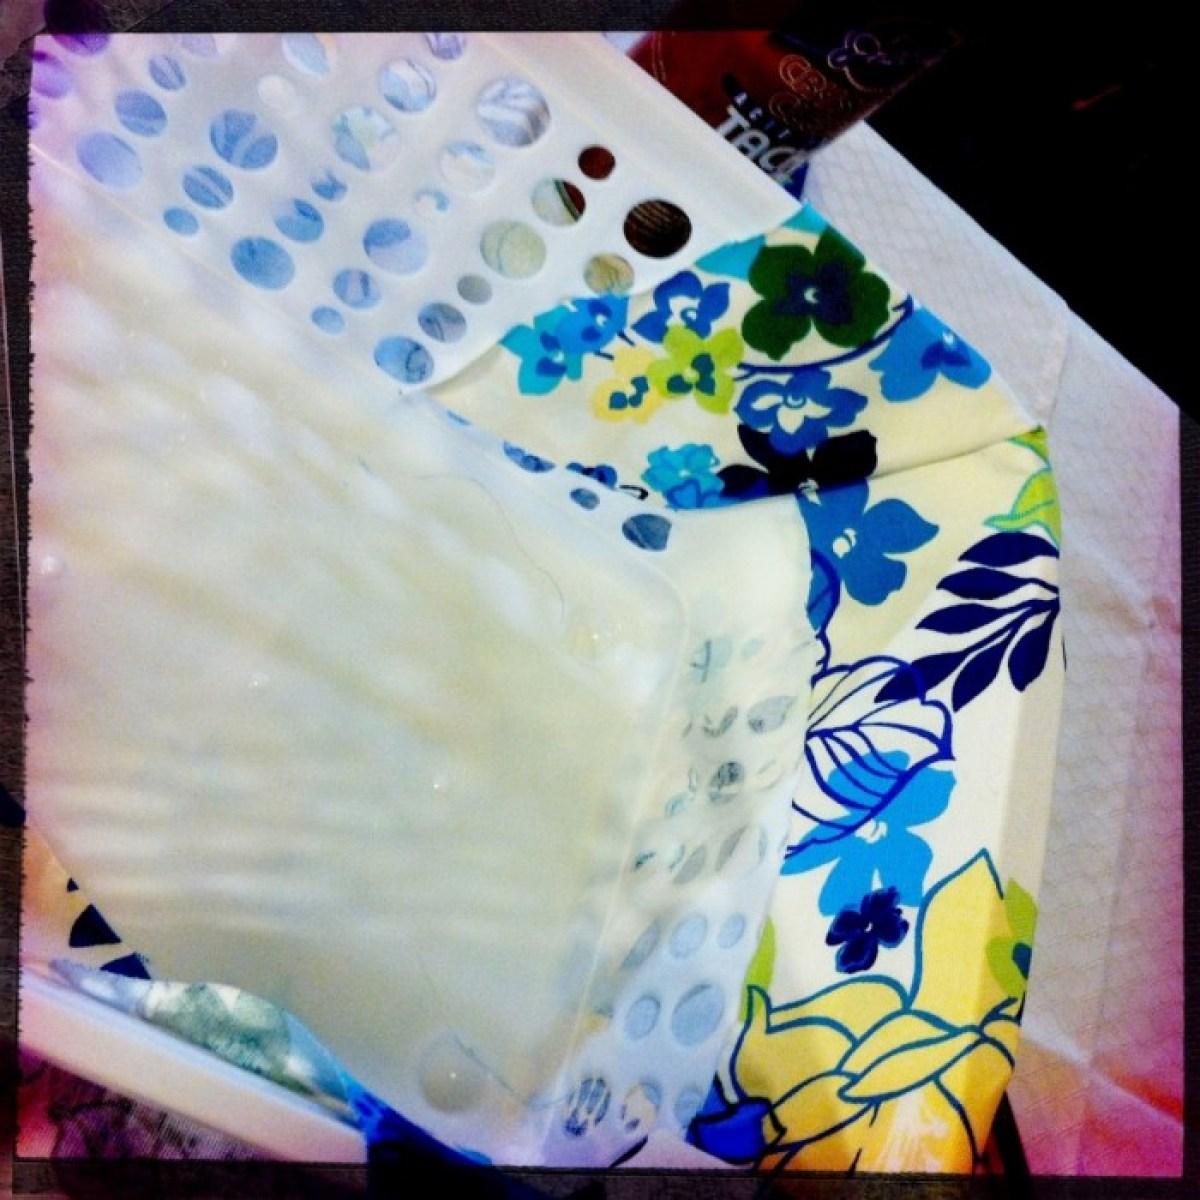 IMG 4052 1 DIY แปลงโฉมตะกร้าพลาสติก เป็นตะกร้าผ้าสุดสวย